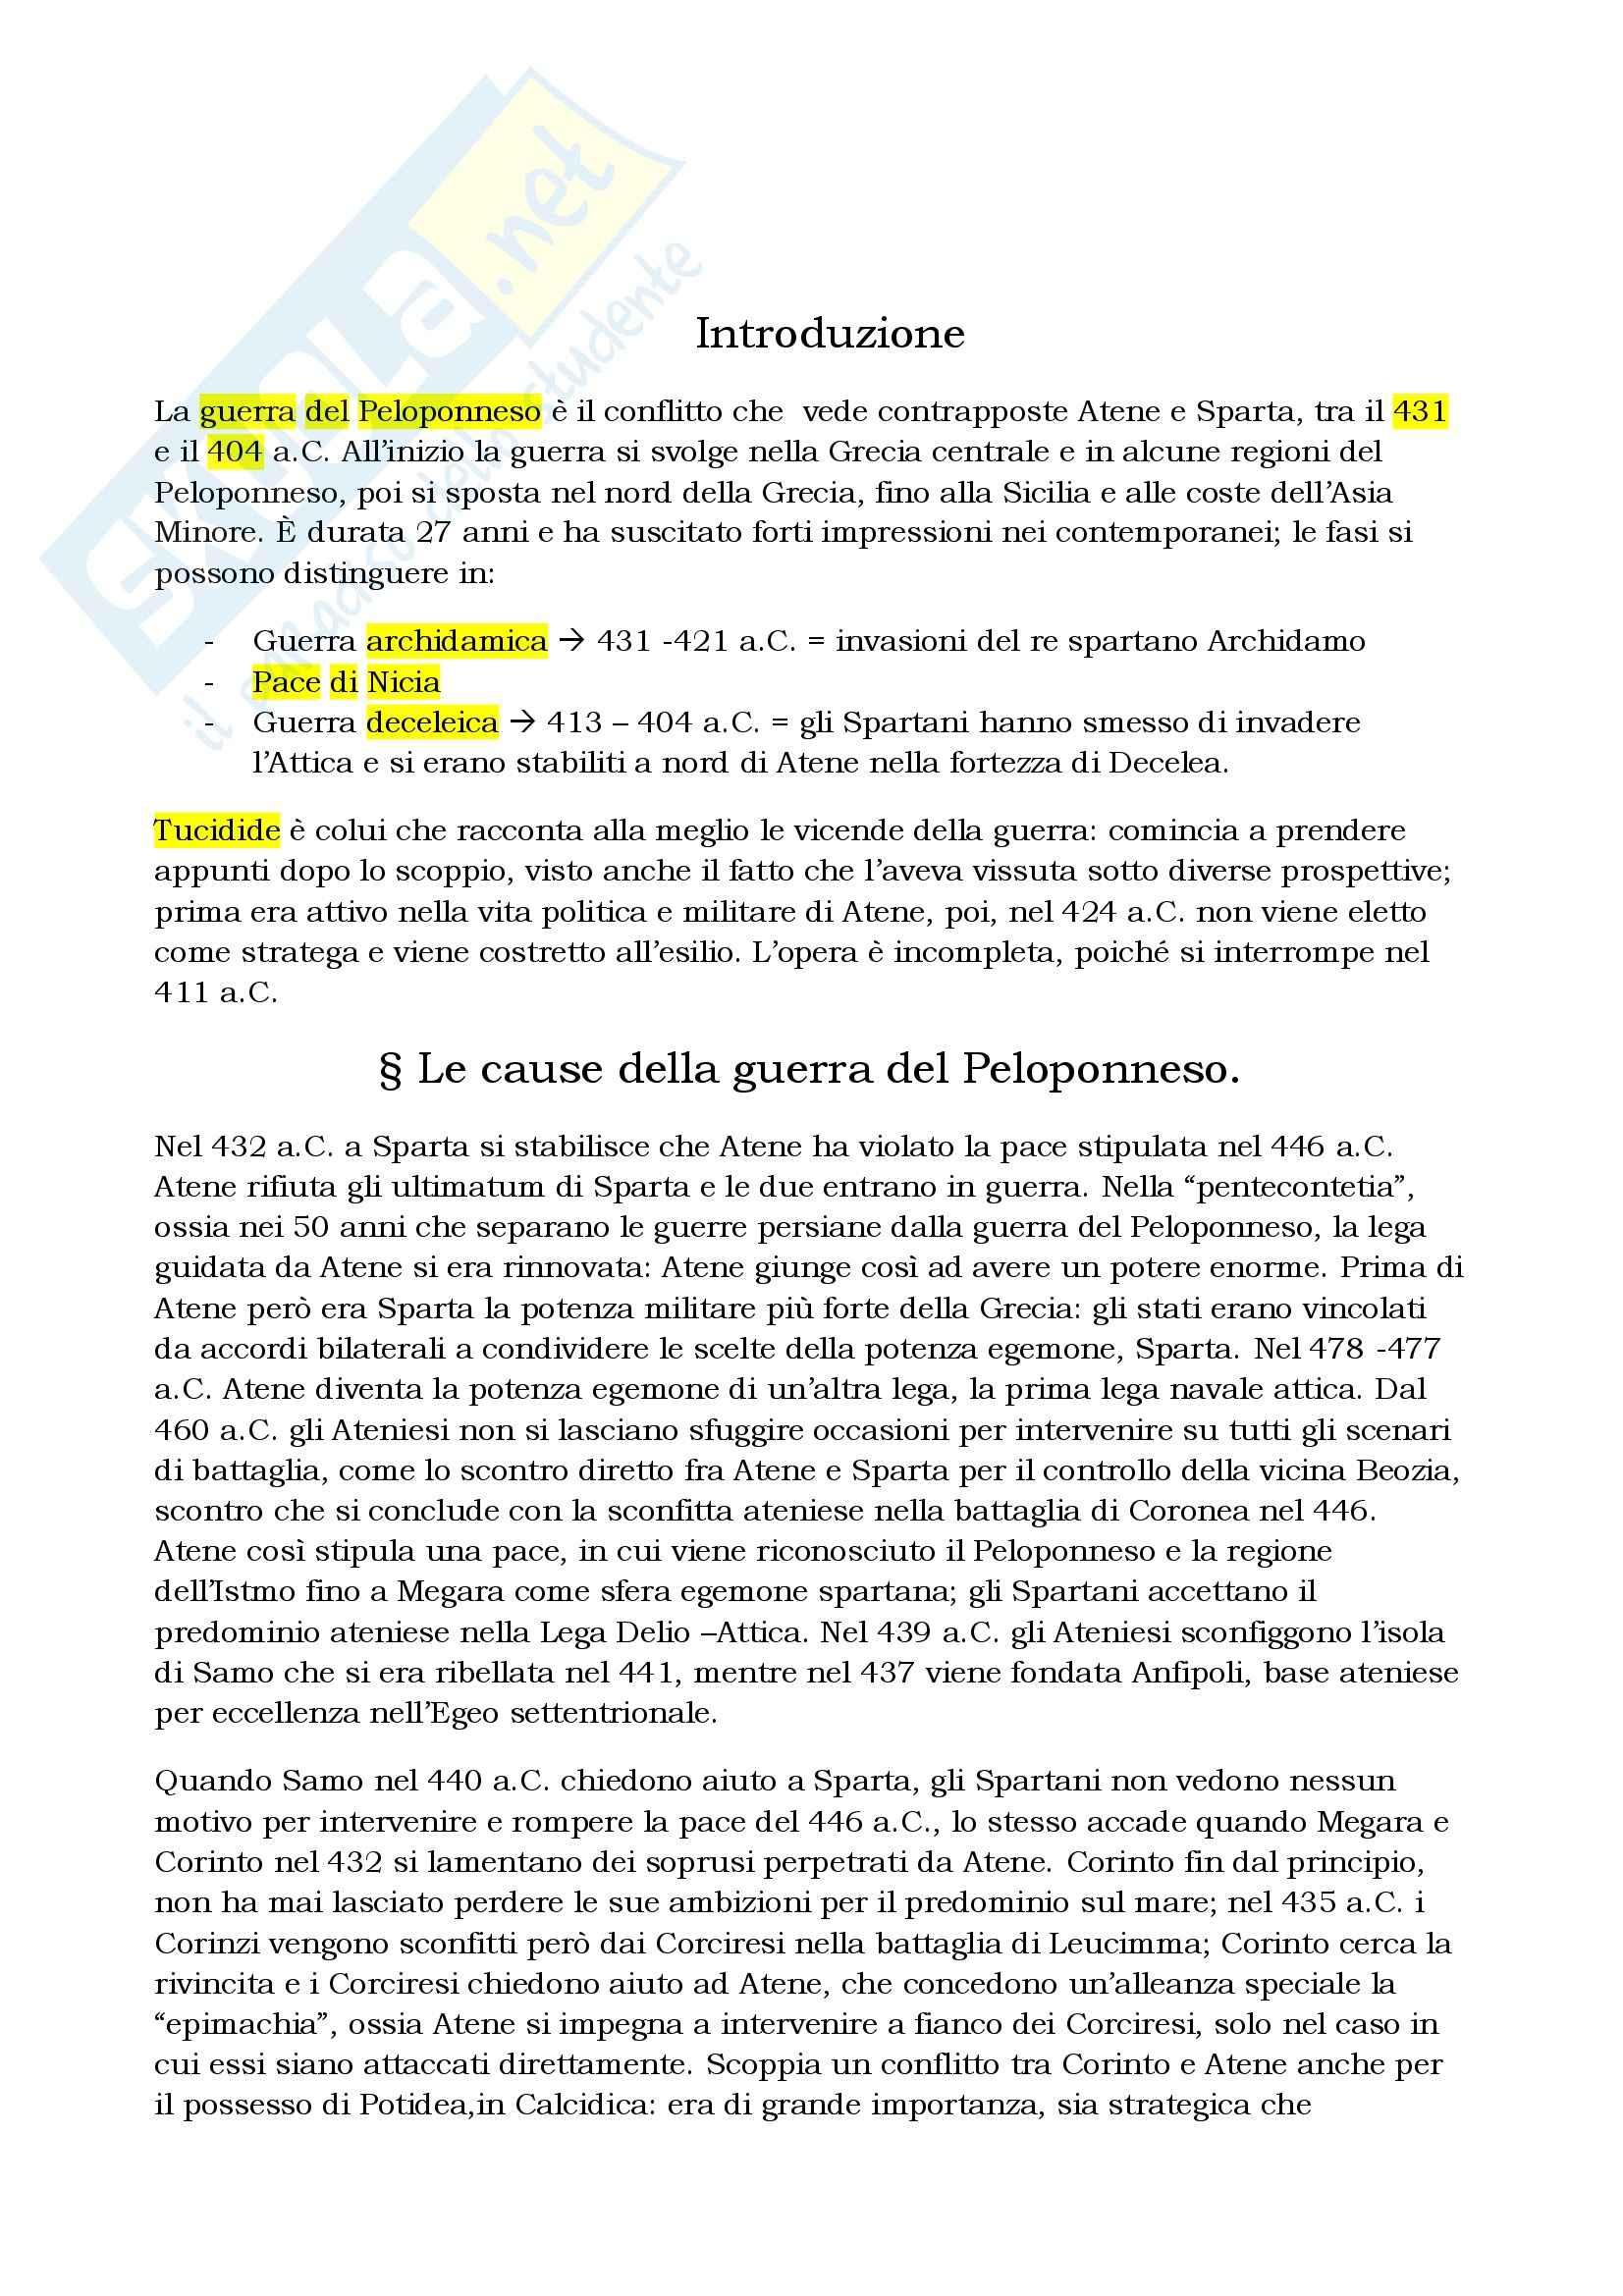 Riassunto esame Storia greca, prof. Berlinzani, libro consigliato La guerra del Peloponneso, Bleckmann